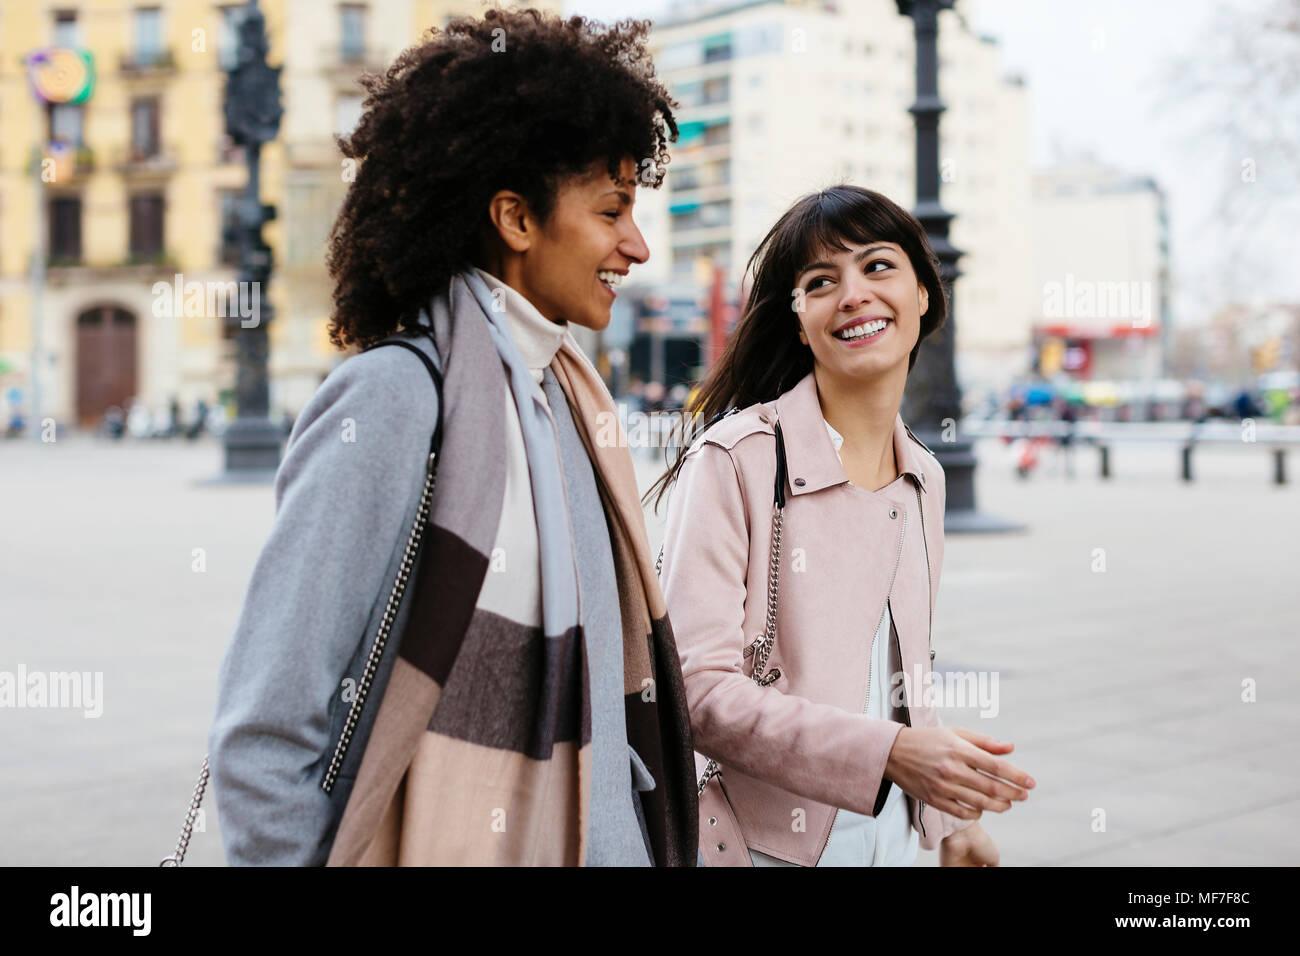 Espagne, Barcelone, deux professionnels Femmes marchant dans la ville Photo Stock